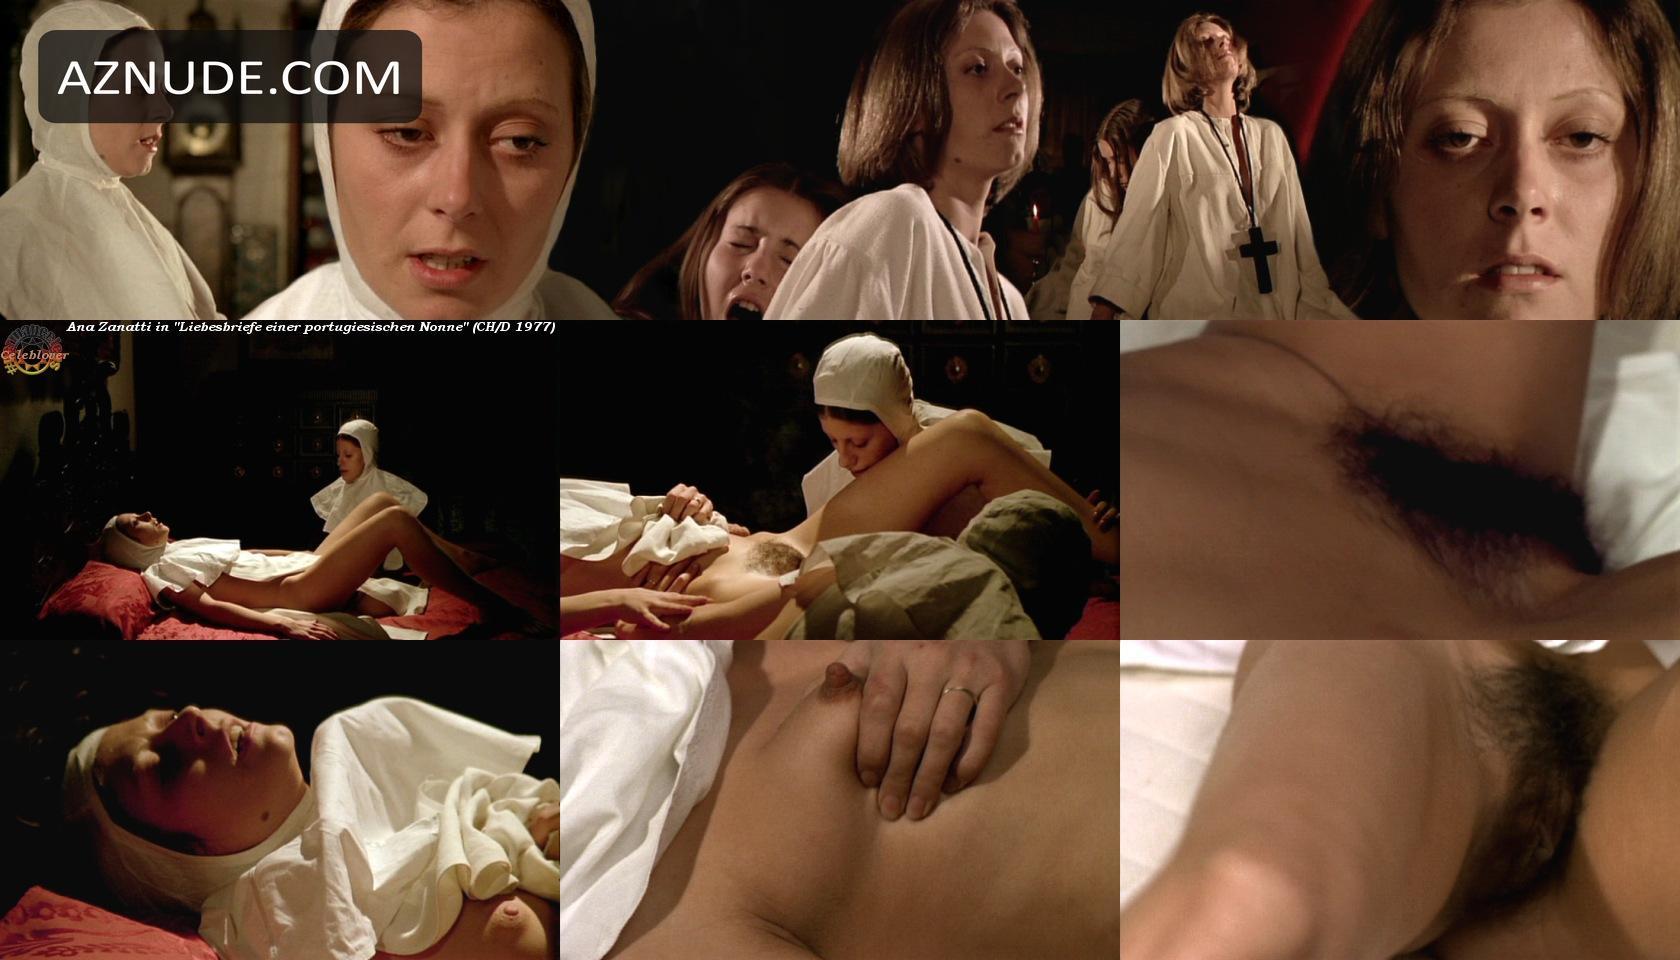 Vivian Wu Nude Simple browse randomly sorted images - page 6119 - aznude